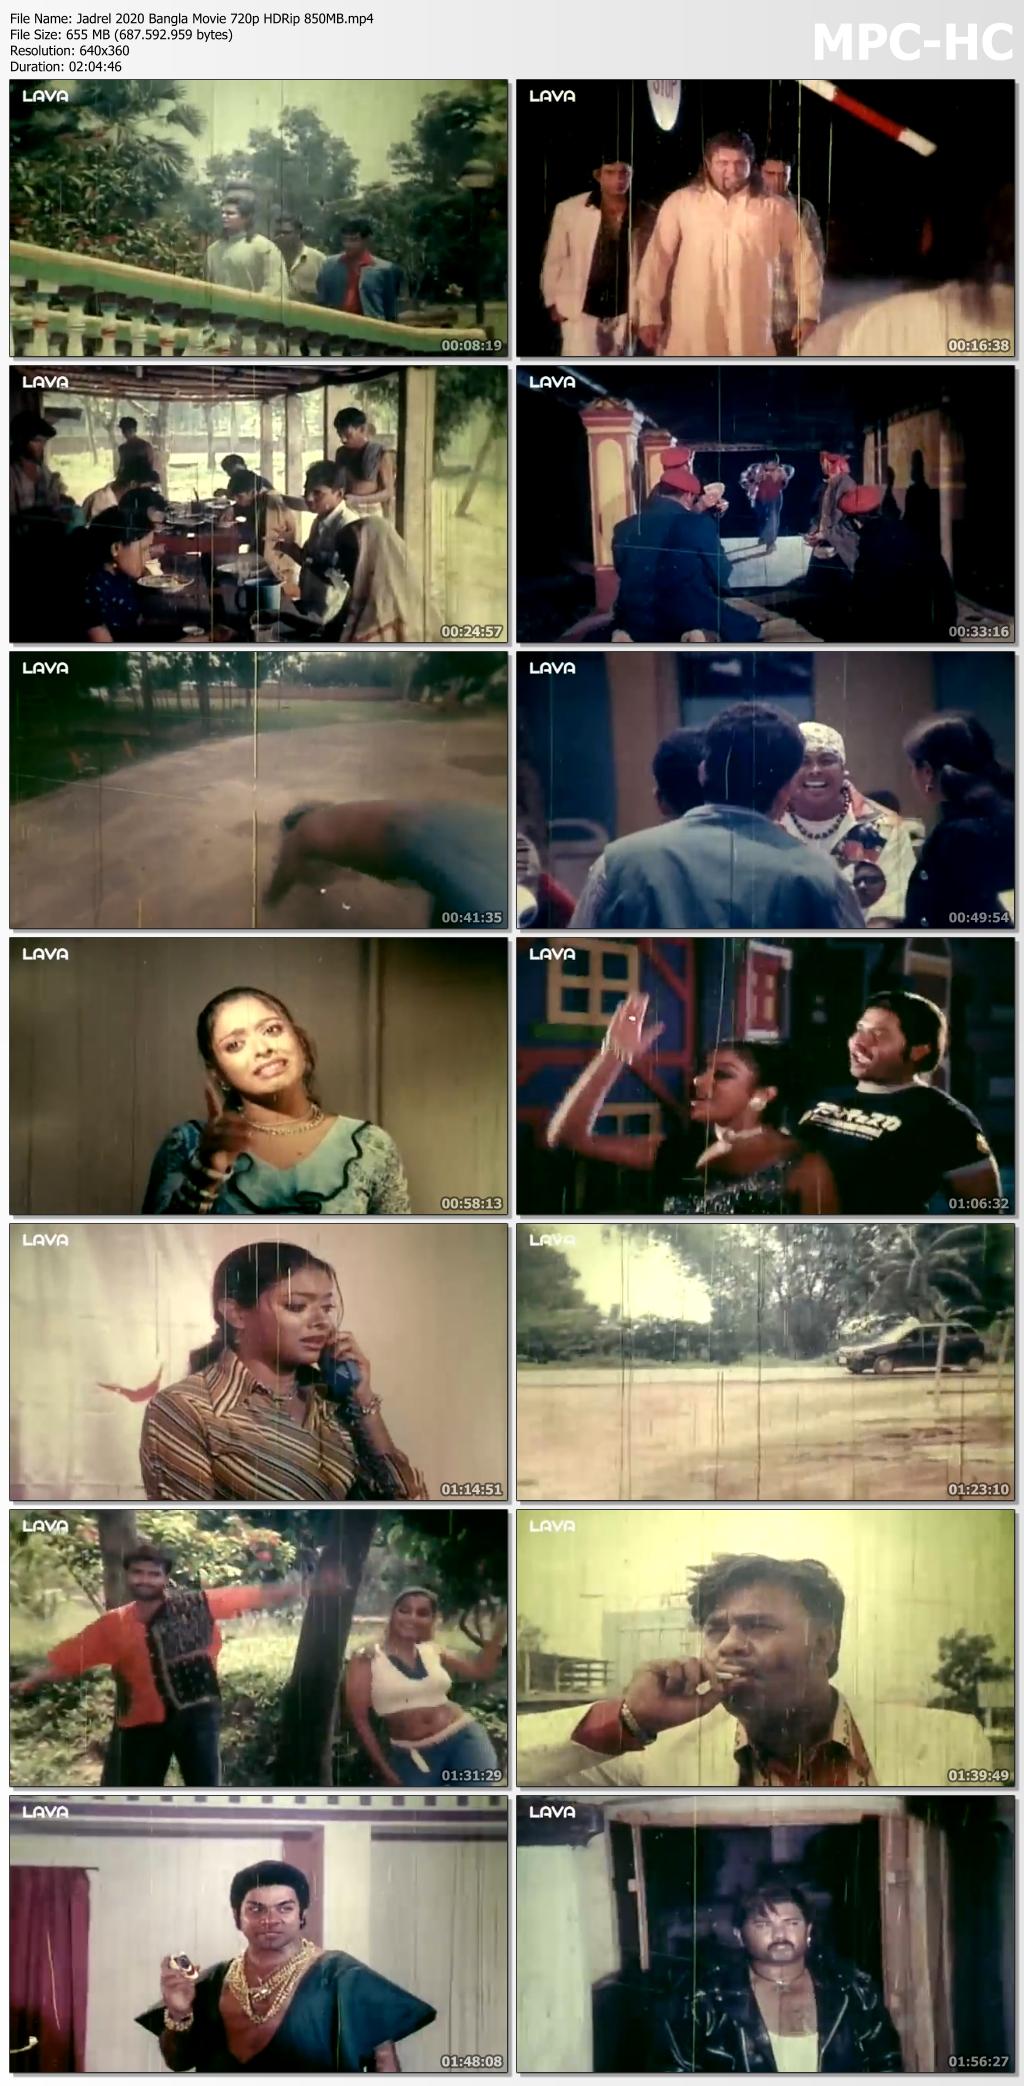 Jadrel-2020-Bangla-Movie-720p-HDRip-850-MB-mp4-thumbs